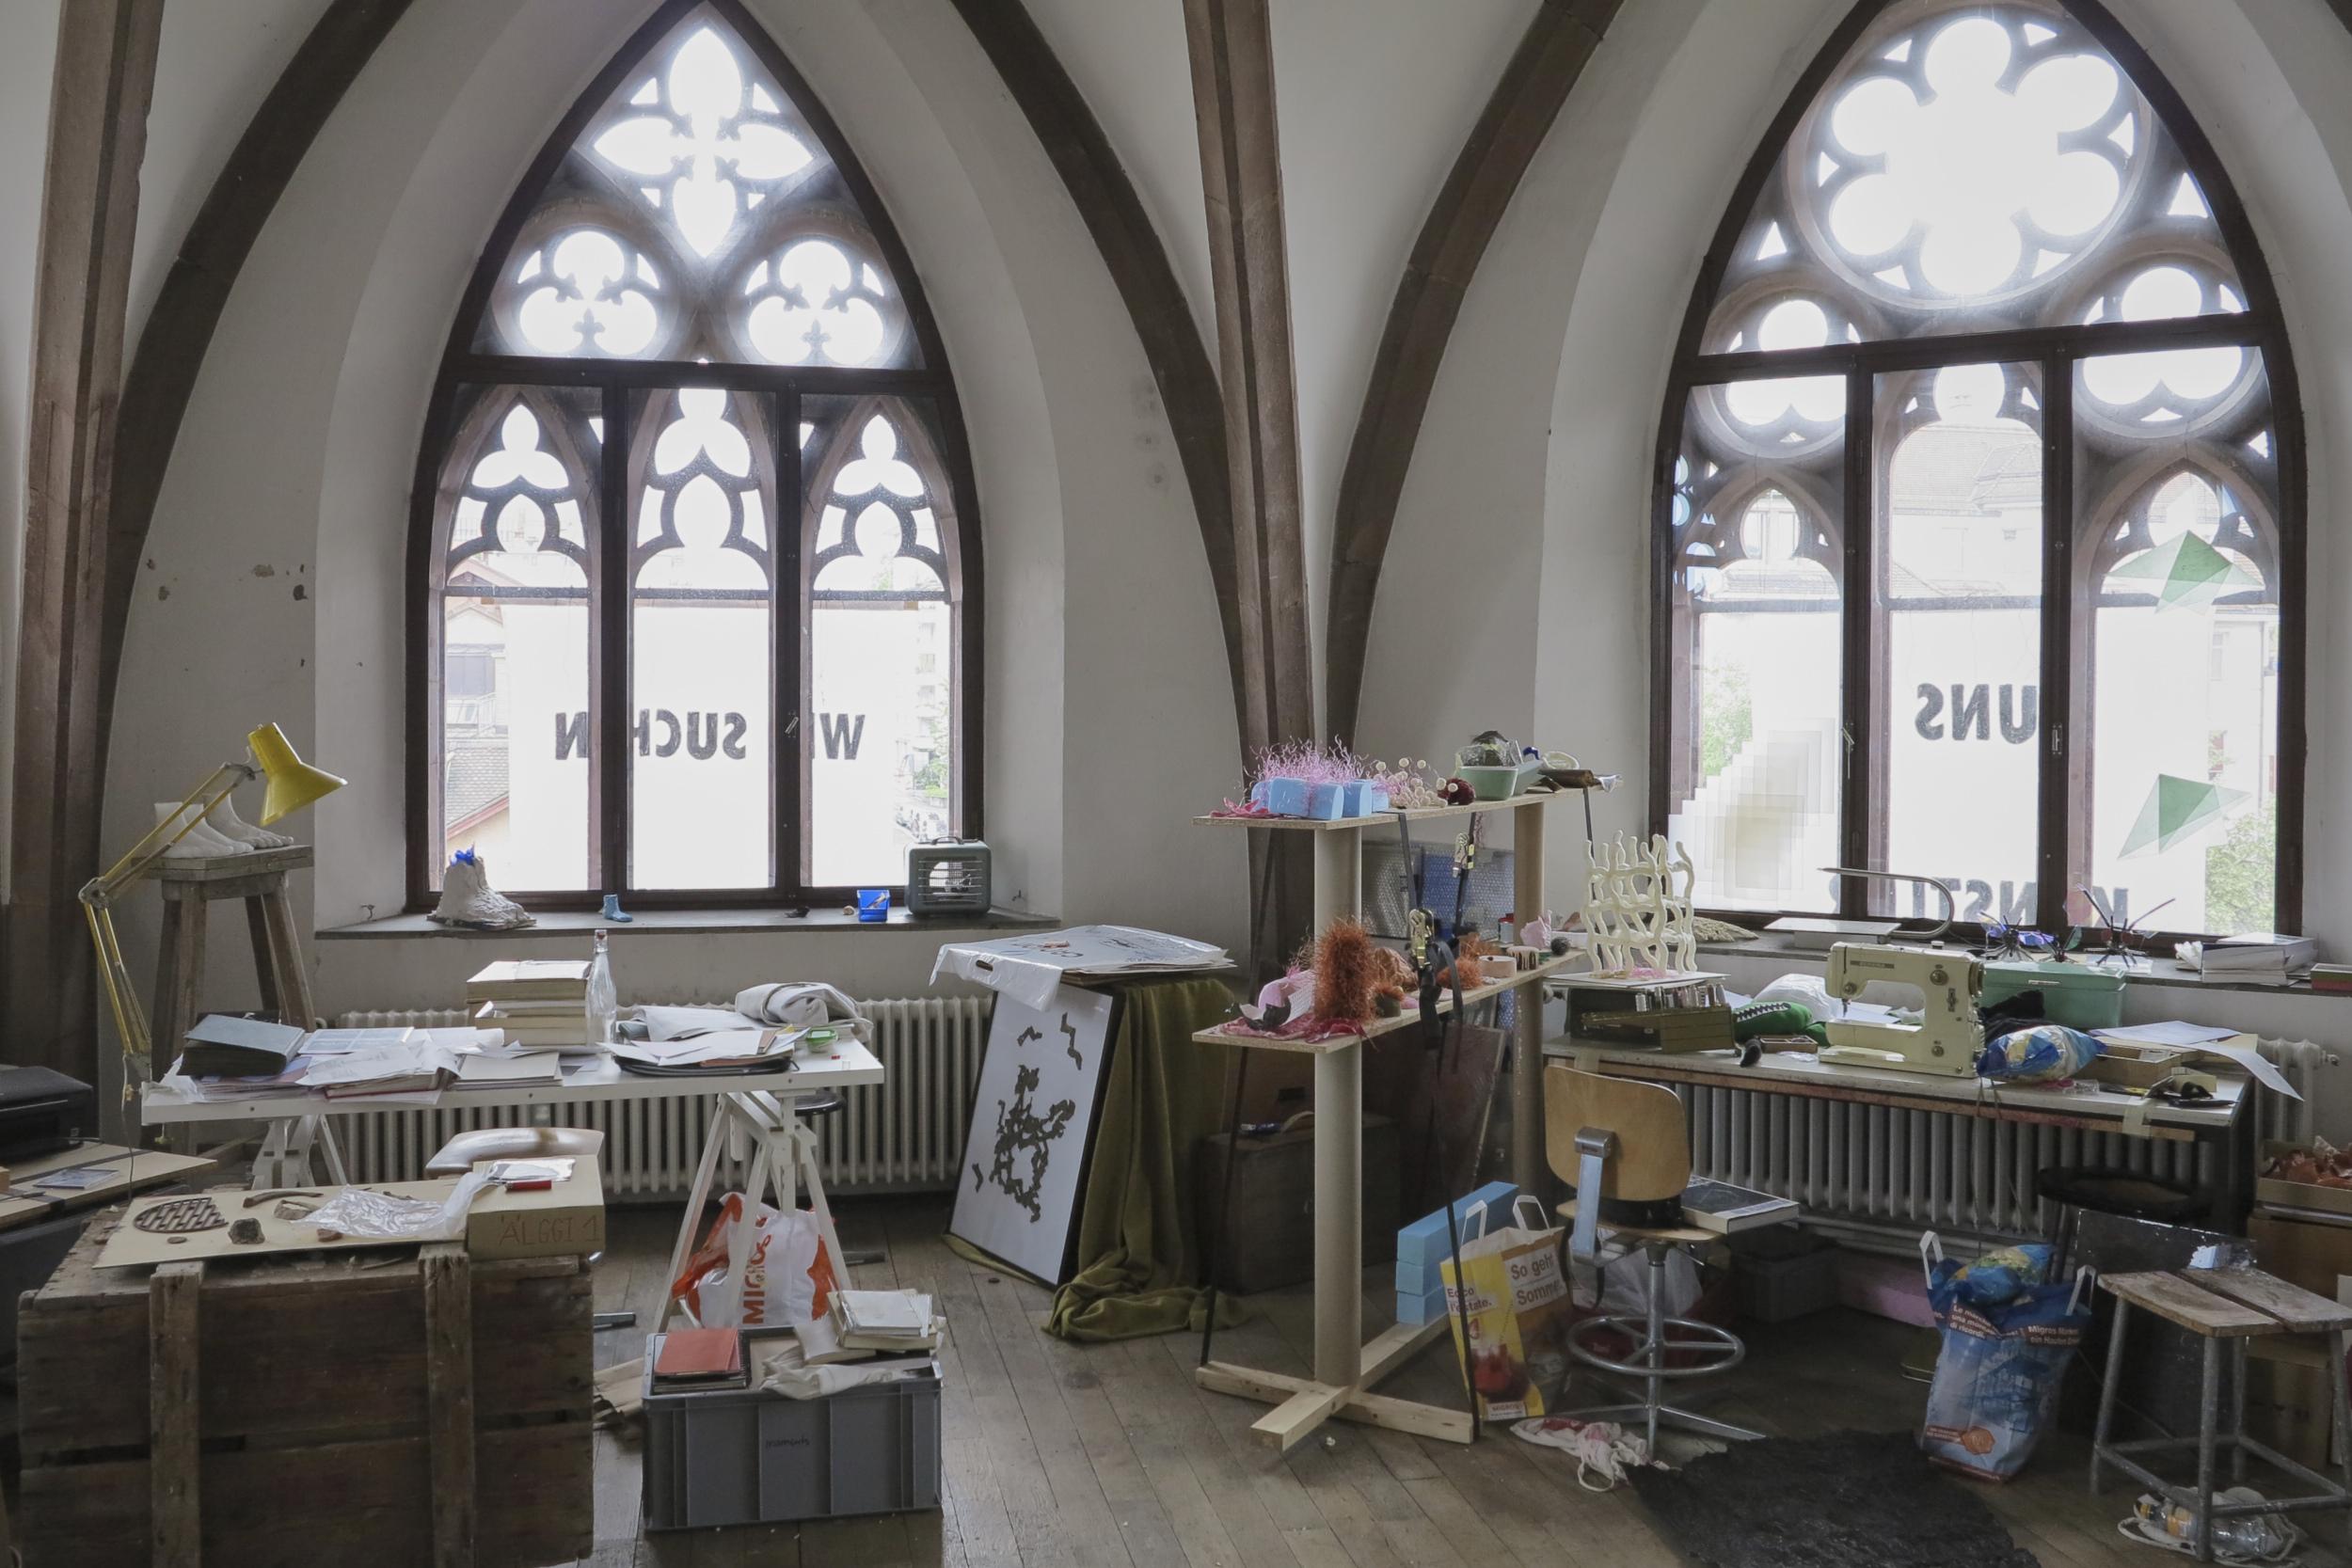 Ein Gemeinschaftsatelier im Kirchenschiff: An der Lokalität nagt der Zahn der Zeit. Sie ist etwas heruntergekommen, dafür aber historisch wertvoll.